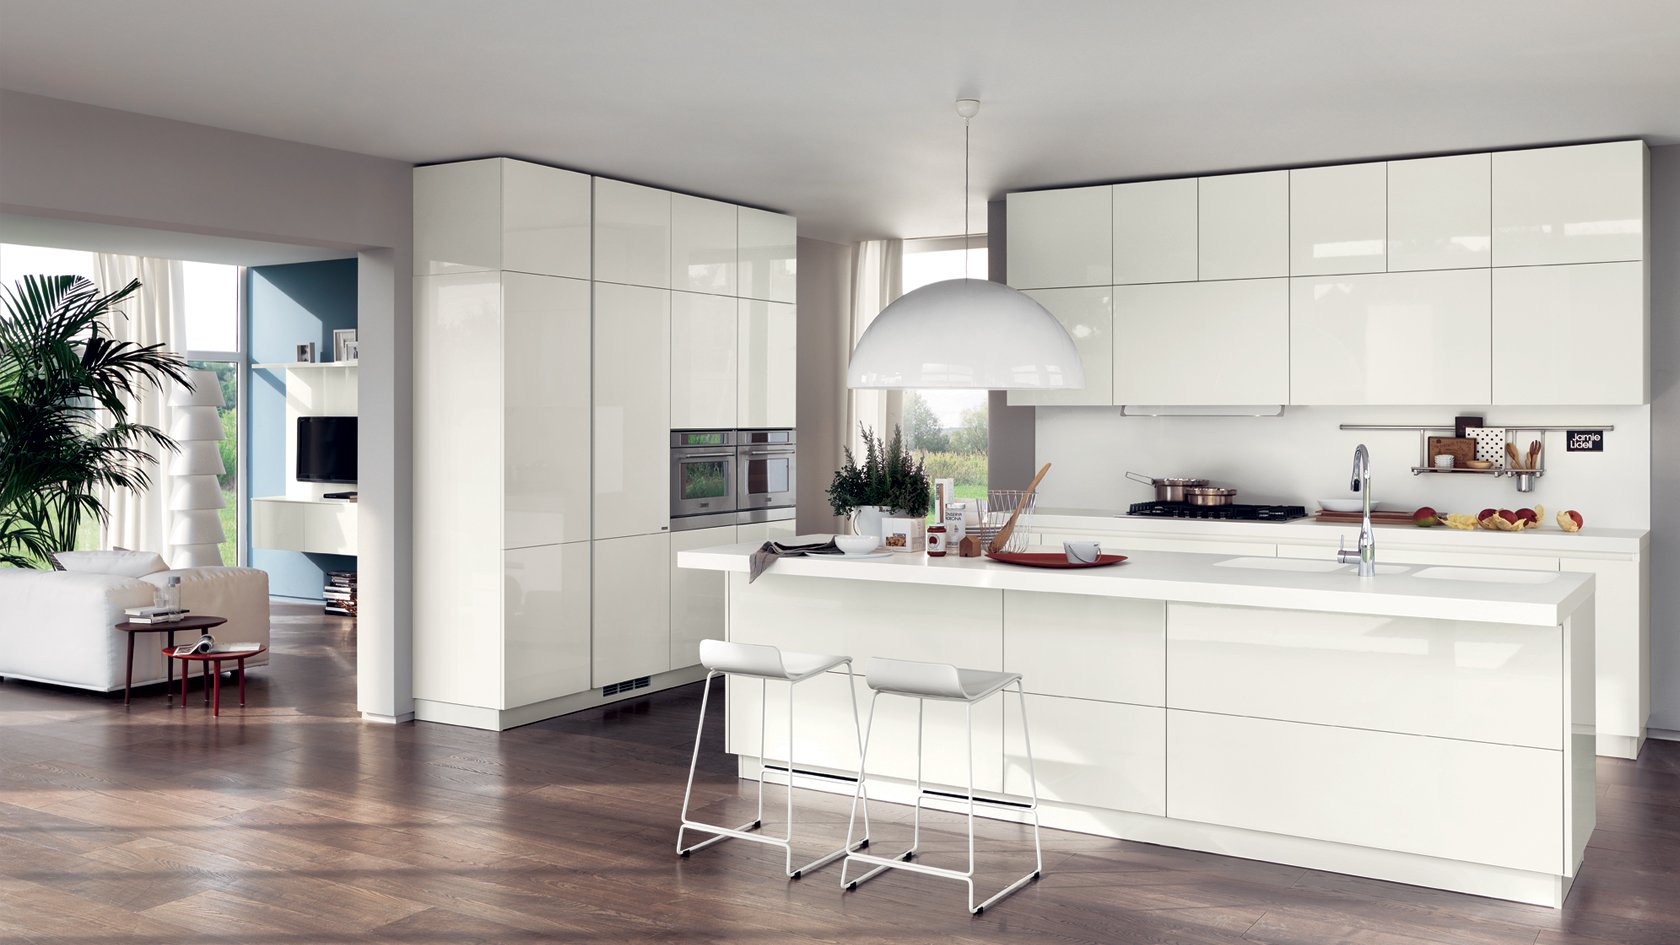 Cucine componibili | Bellizzi, Salerno | Montella Prisma Arredo